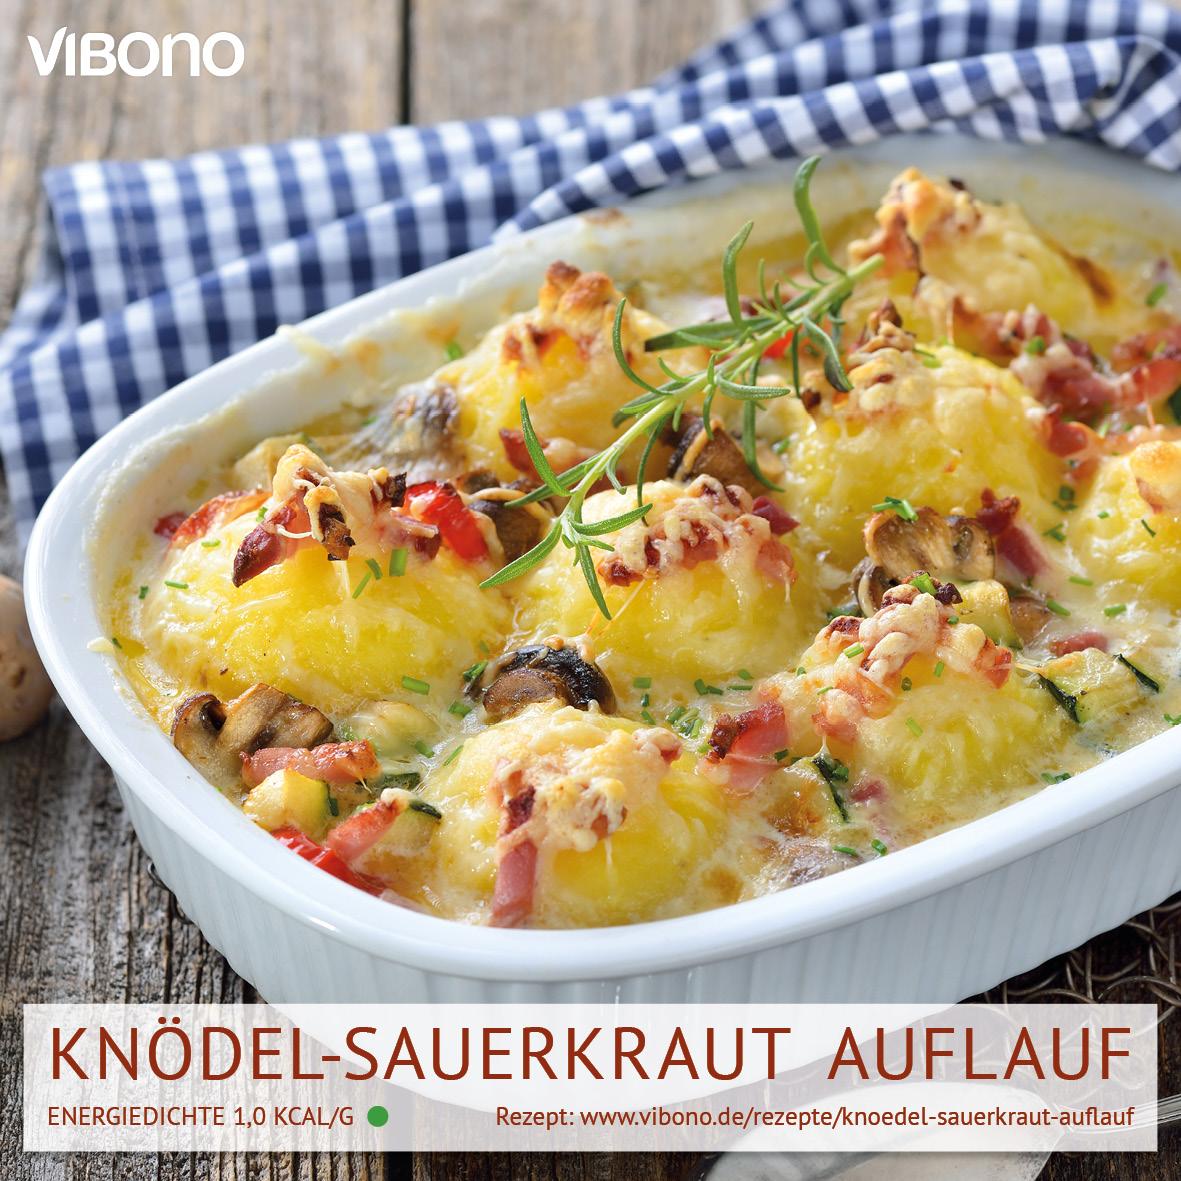 Knödel-Sauerkraut Auflauf